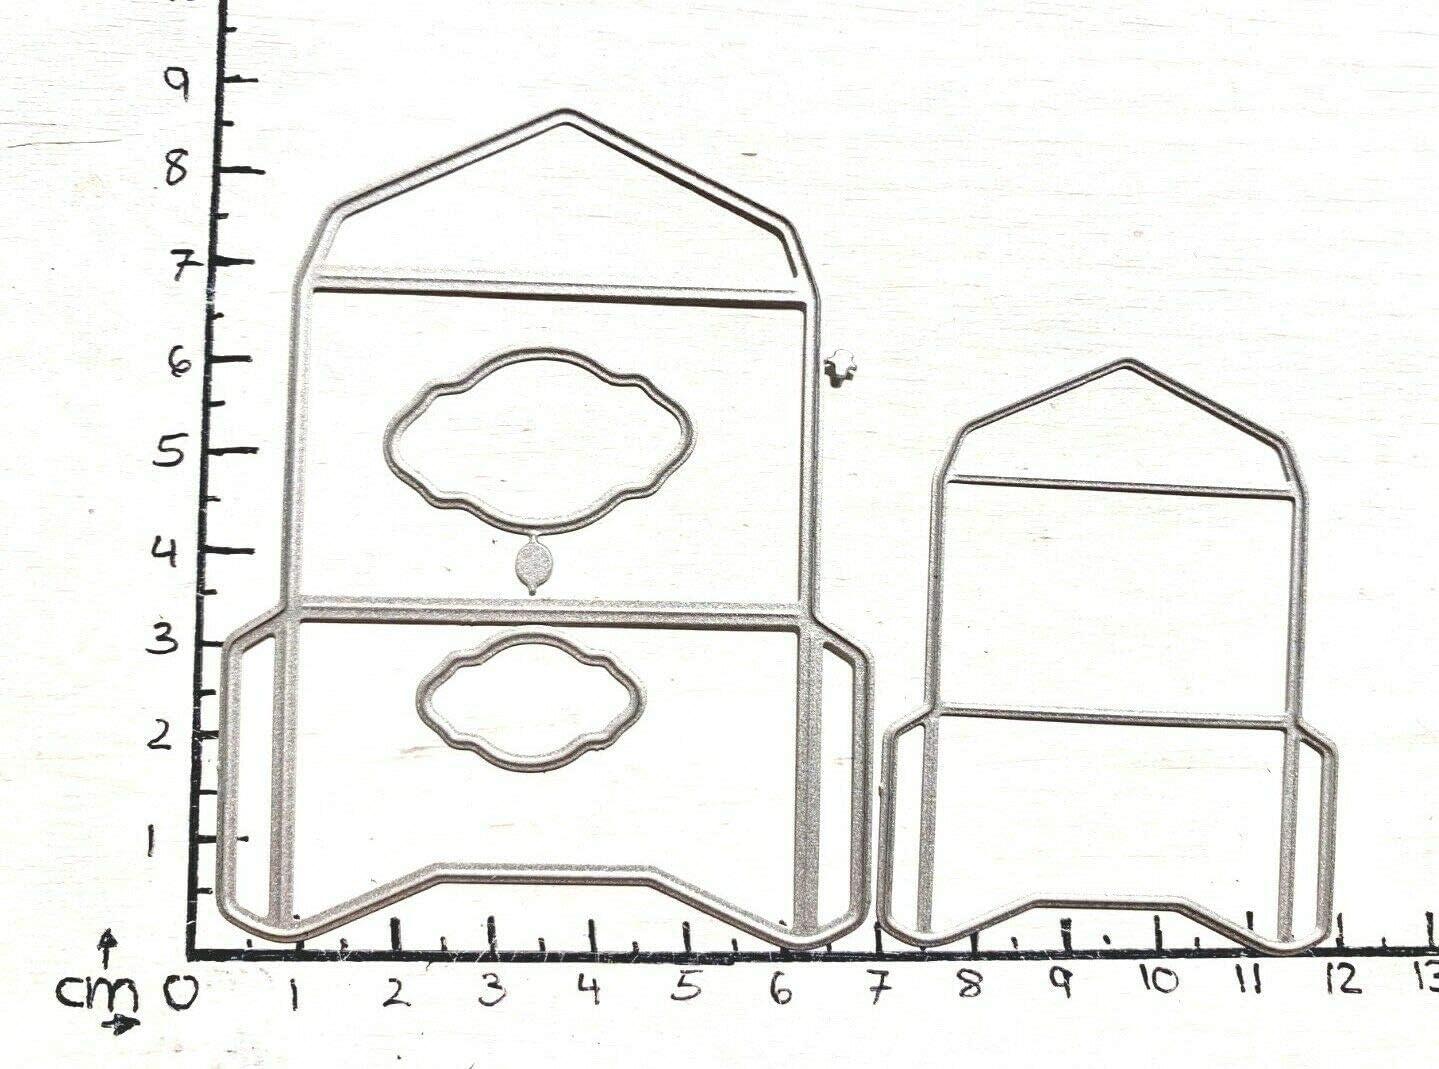 Simplelettering Stanzschablone Cutting die 3D Briefumschlag Umschl/äge 2 STK 3,5x5 /& 2,5x4cm